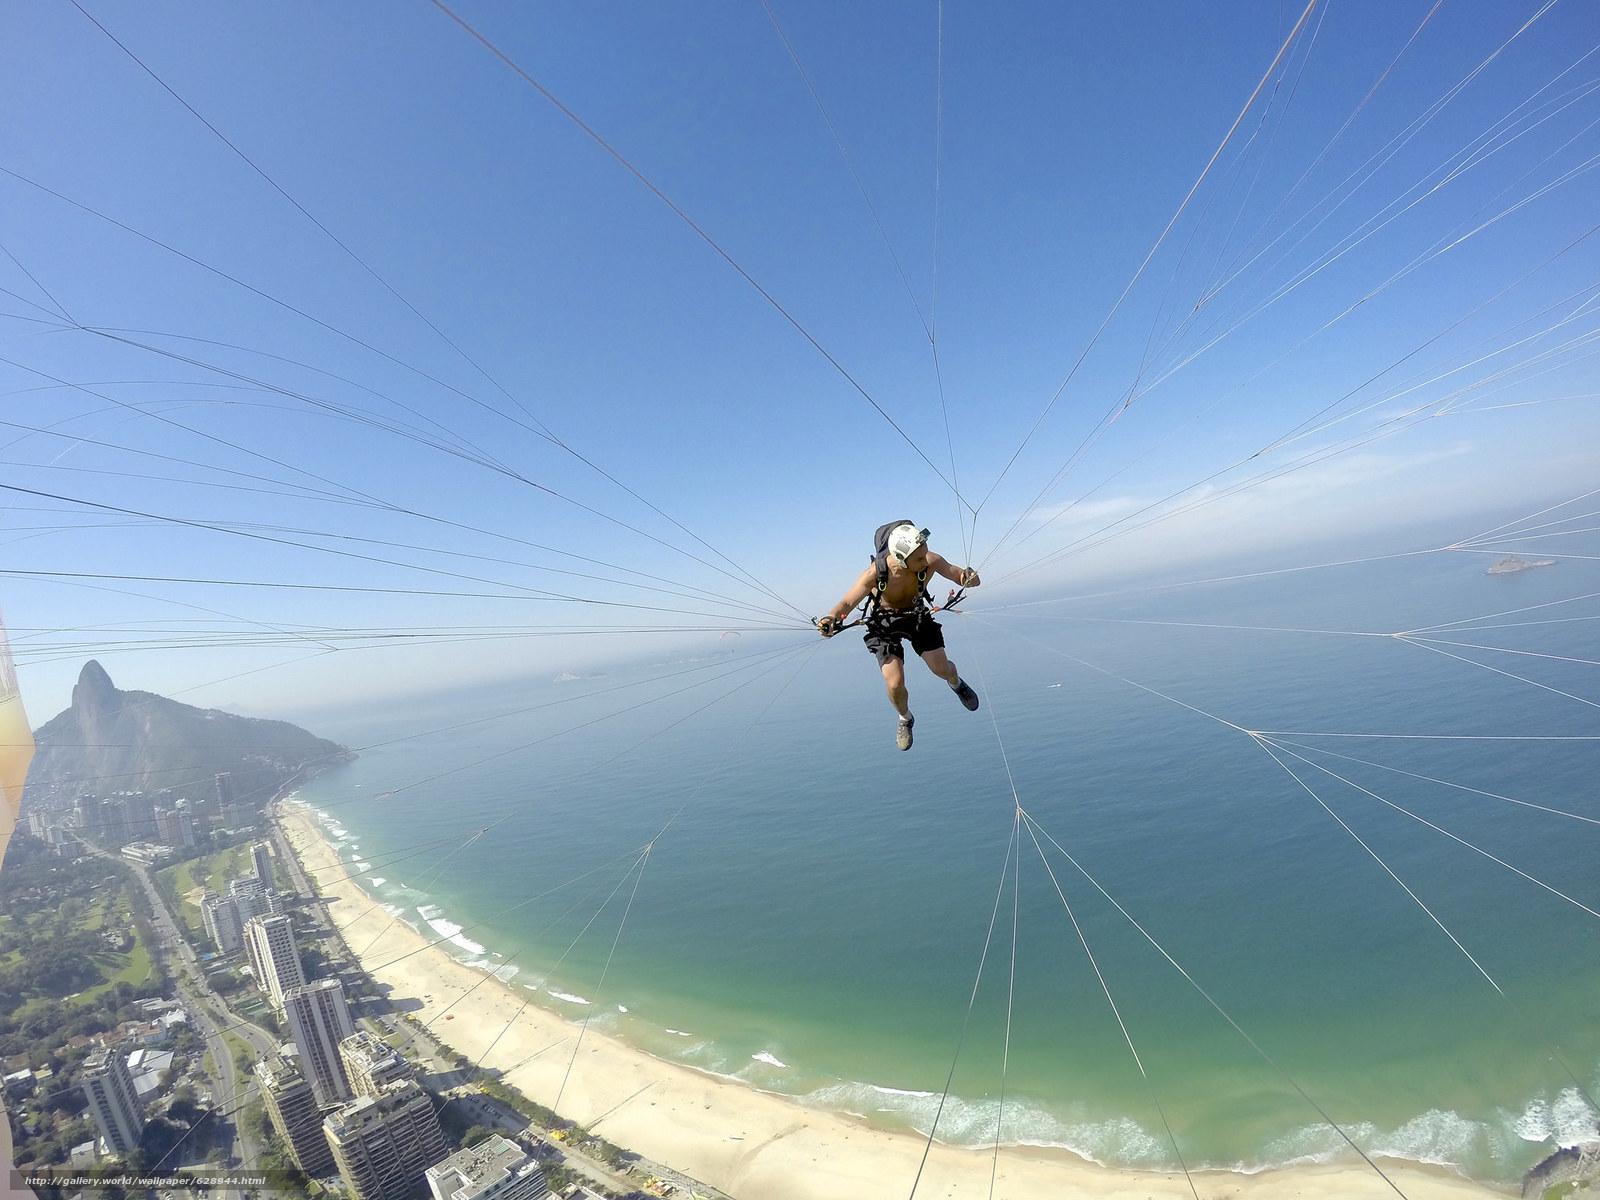 Обои полеты на параплане, параплан, пилот, камера, шлем, нить, пляж, море, островок, горизонт, небо, Бразилия, Рио-де-Жанейро, экстремальный спорт